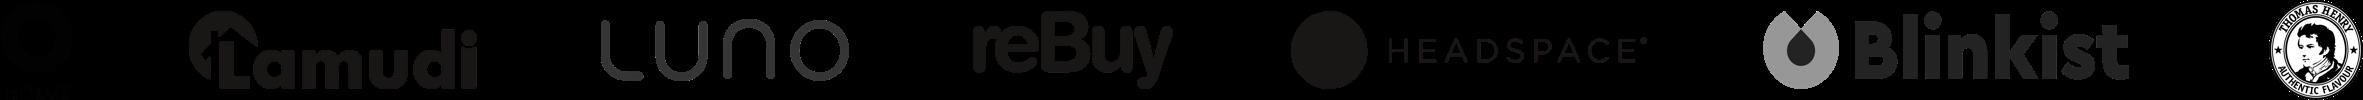 Latana user logos